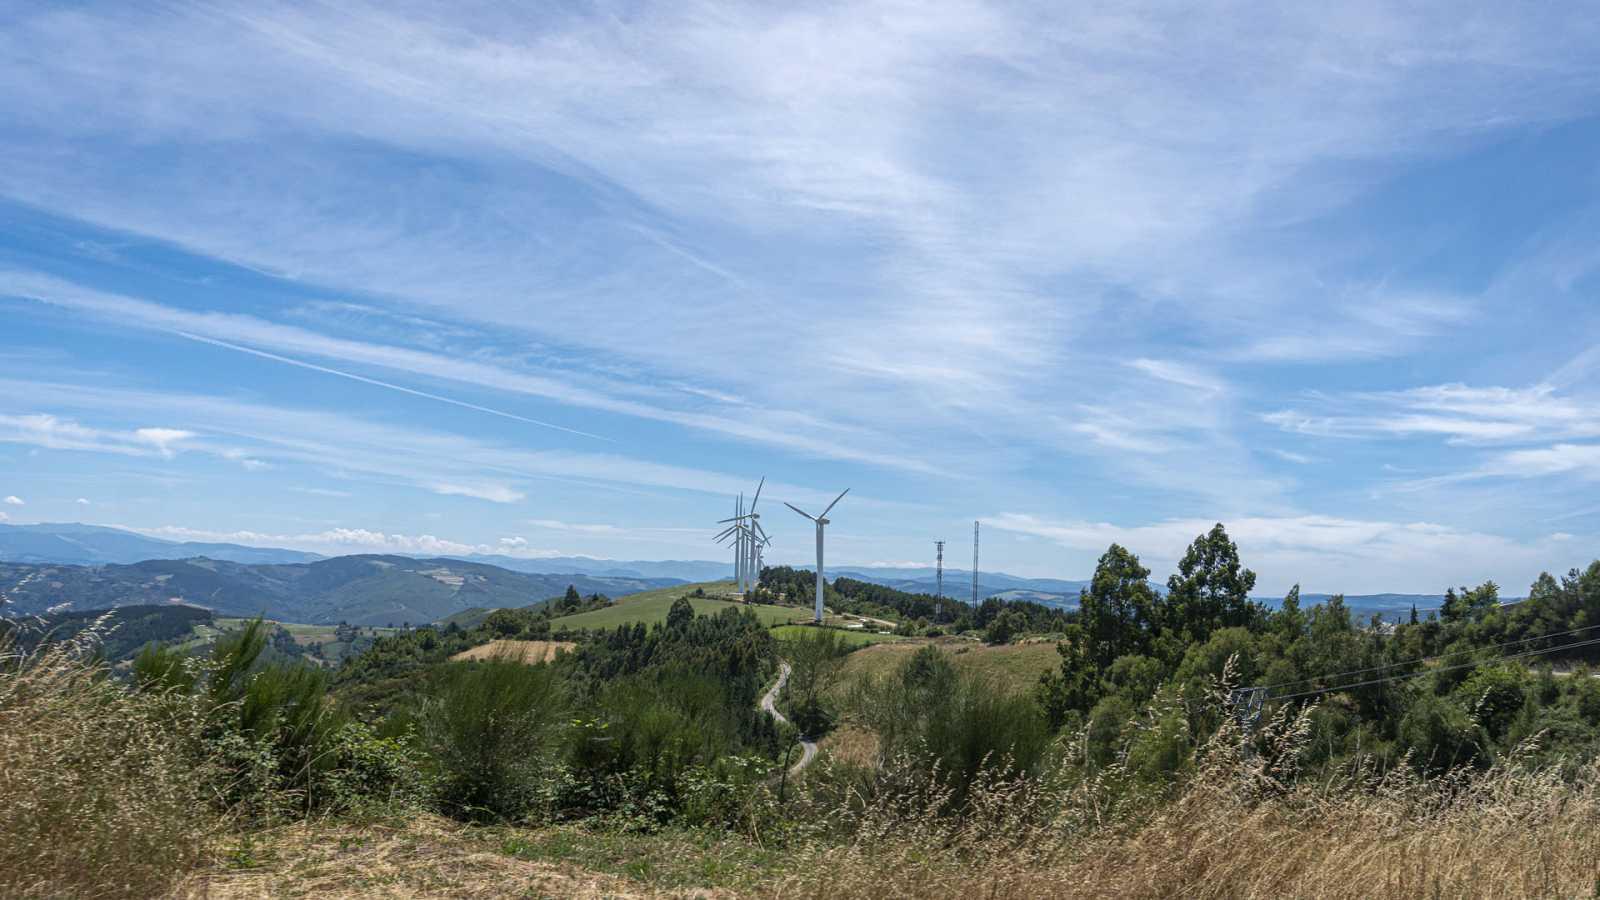 Intervalos de viento fuerte en zonas del nordeste peninsular, Menorca y litoral norte de Galicia - Ver ahora